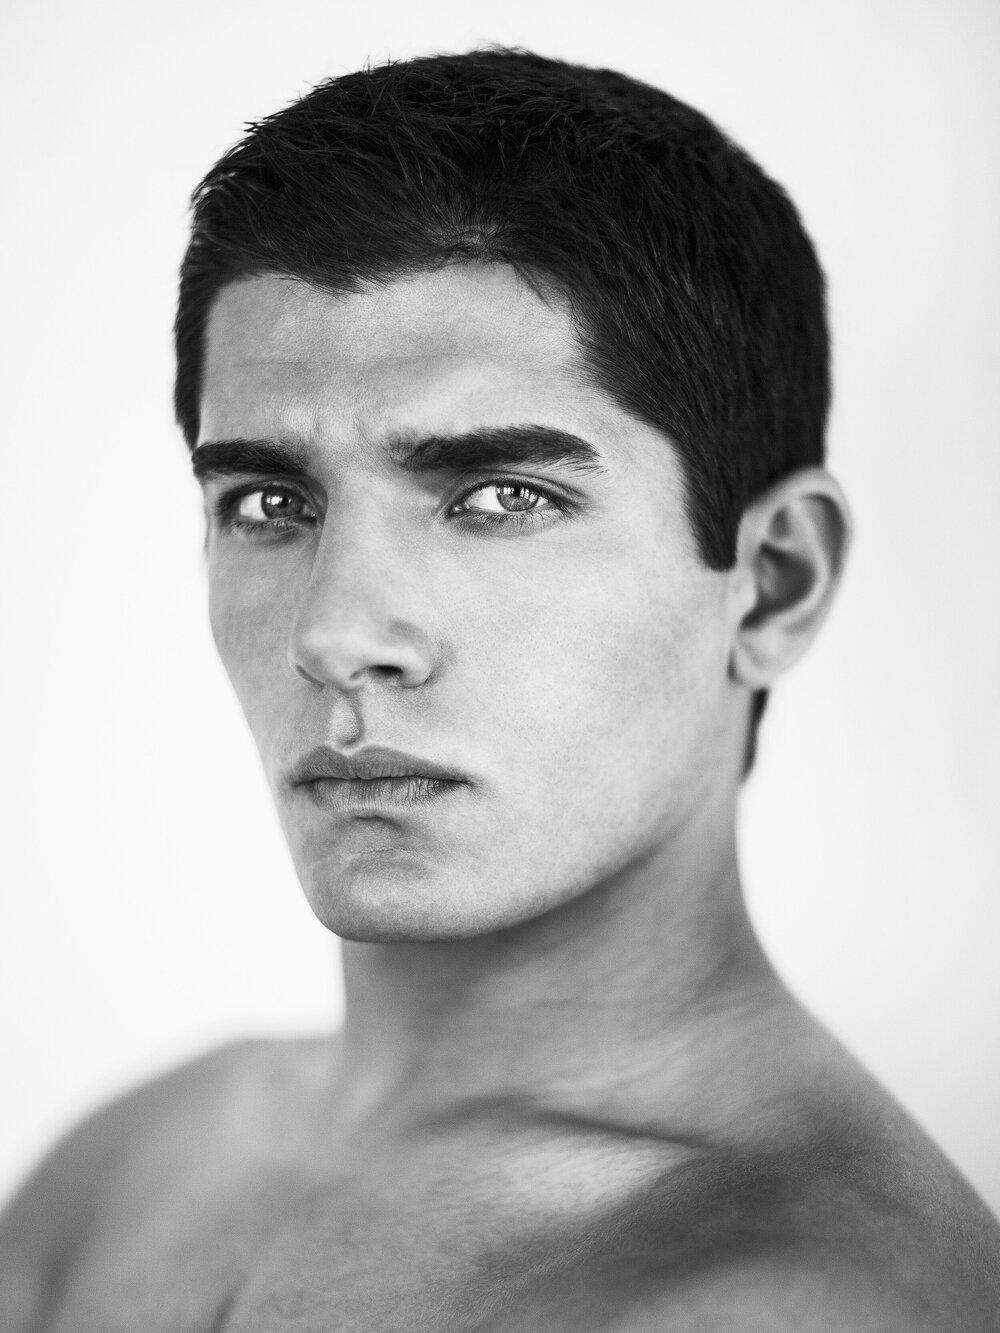 Enzo_AOP (14 of 24).JPG